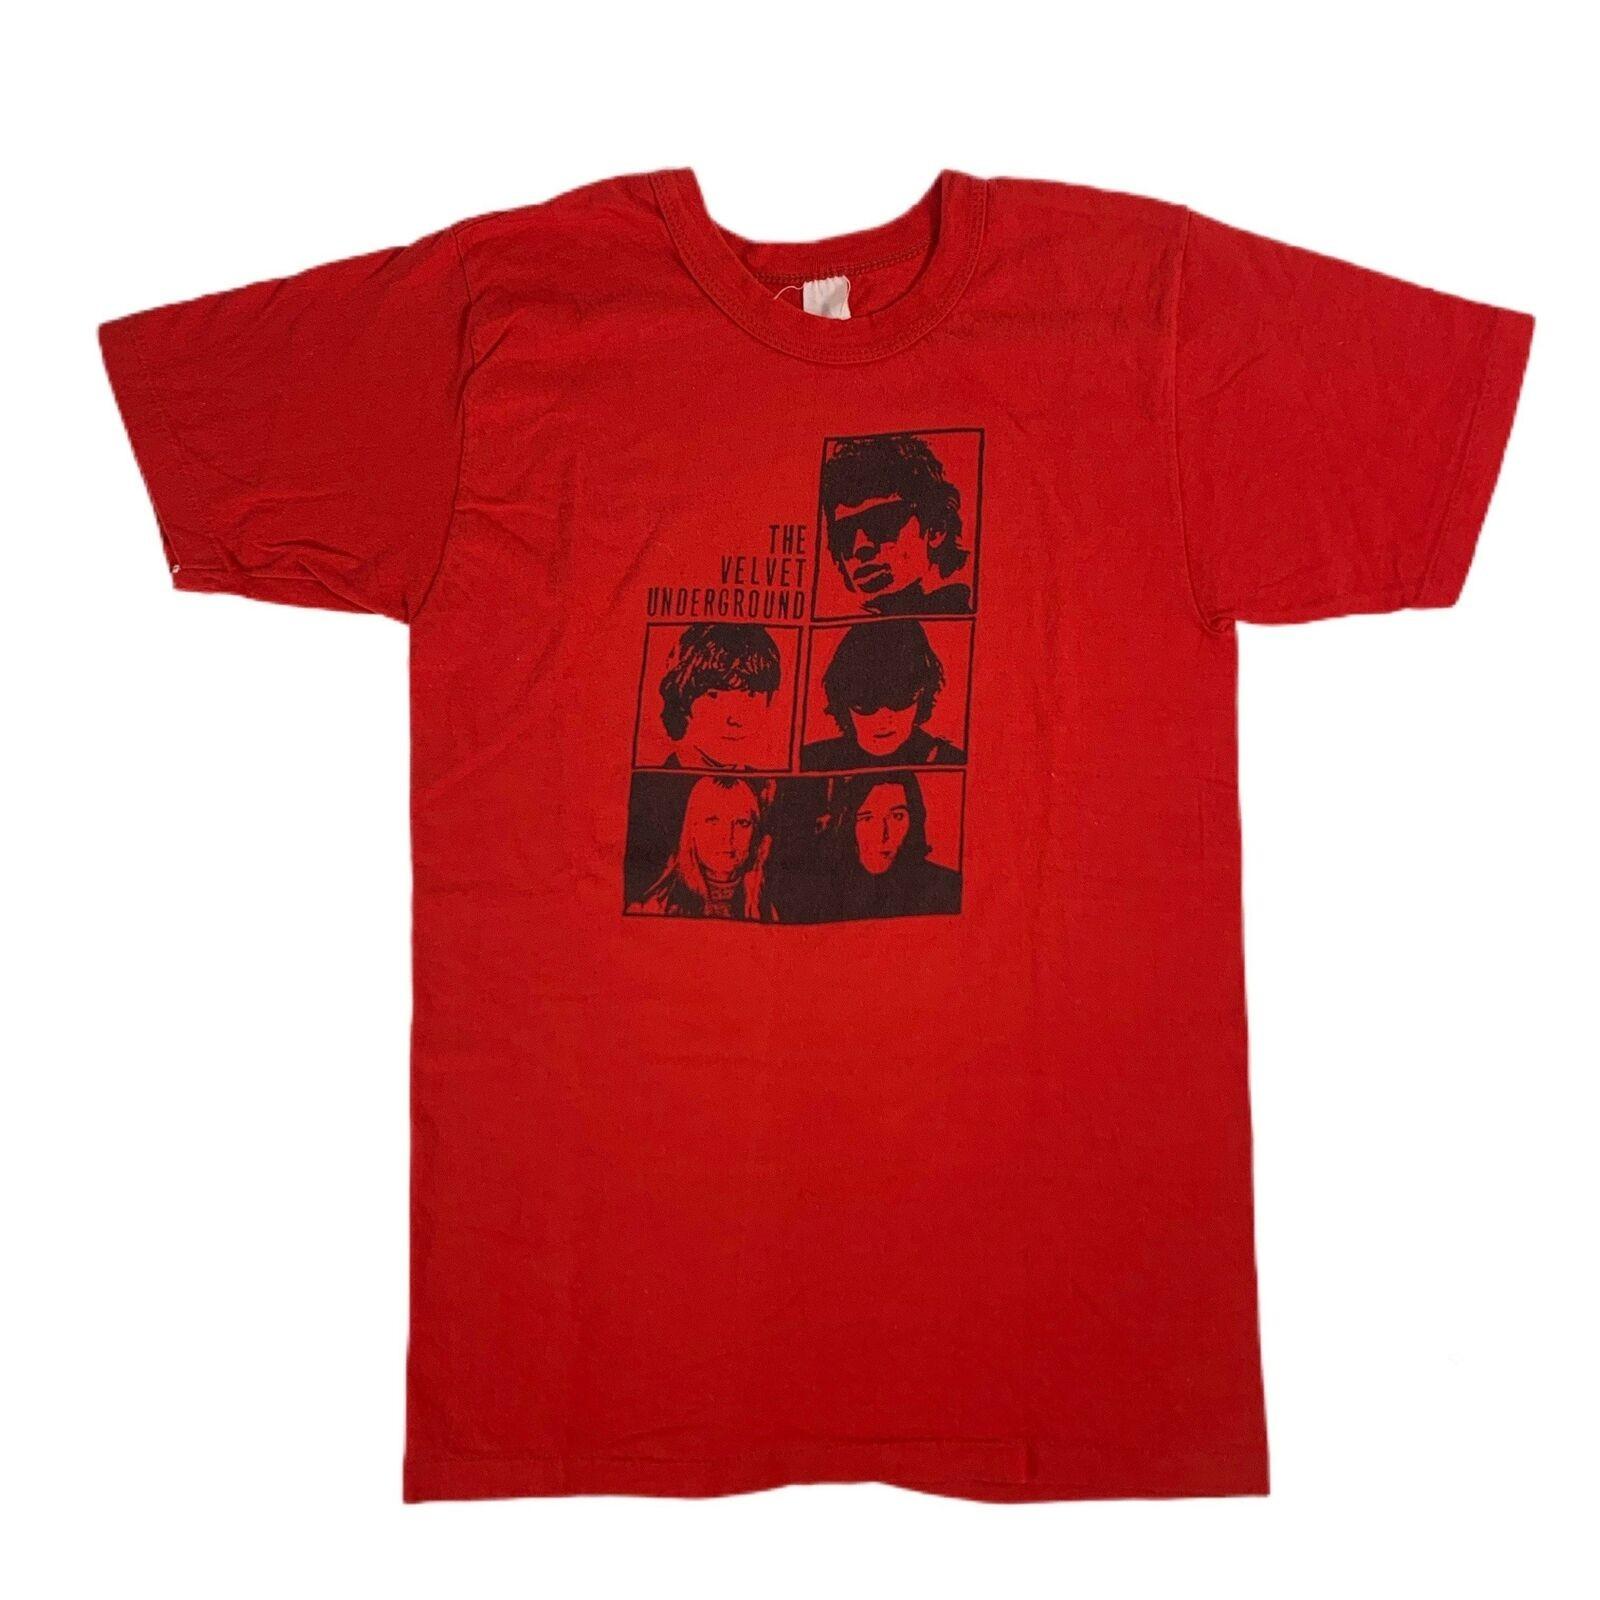 Vintage Velvet Underground T-shirt